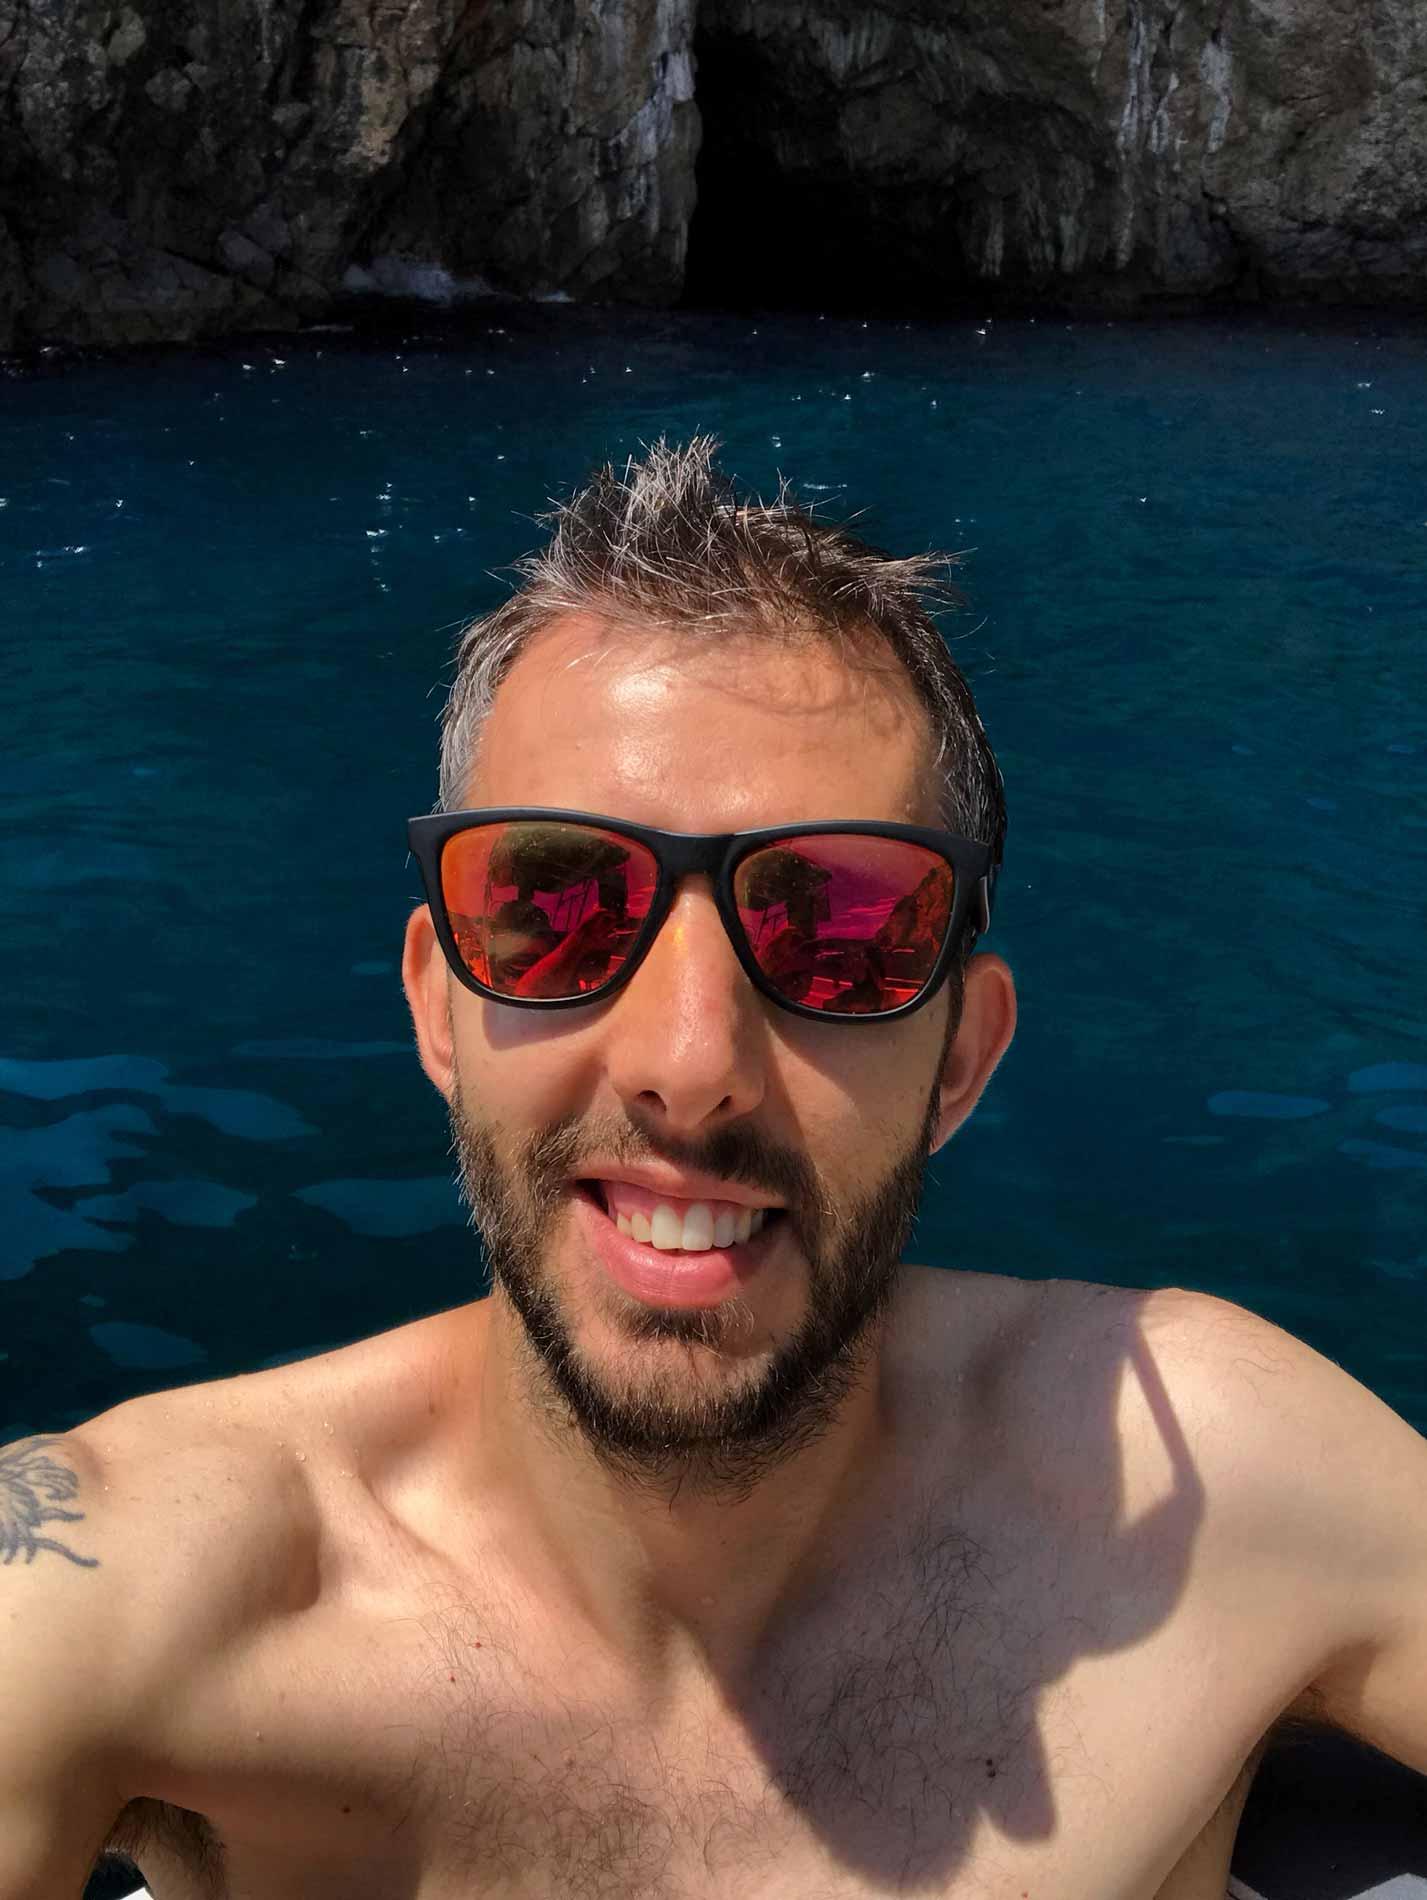 Mar-Adriatico-Bocche-di-Cattaro-Montenegro-Grotta-Azzurra-Plava-spilja-Simone-Colombo-srake